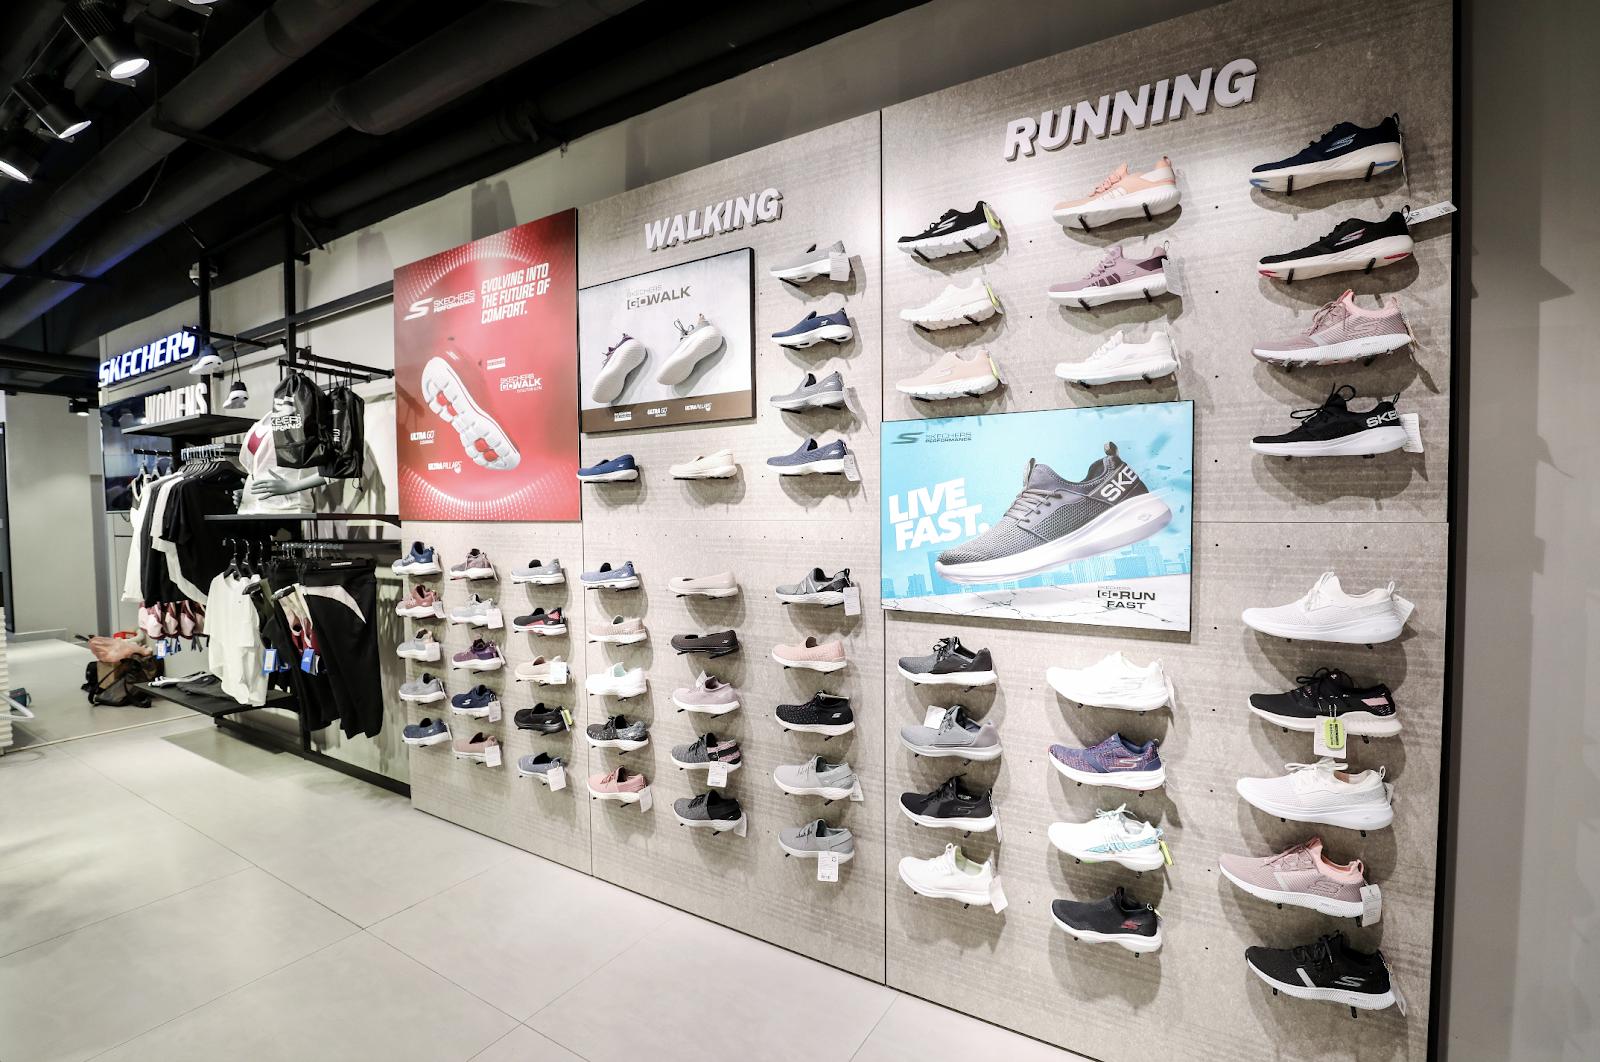 Bất ngờ kép từ Skechers: Karik trở thành đại sứ thương hiệu, chính thức khai trương Flagship Store tại Việt Nam - Ảnh 9.